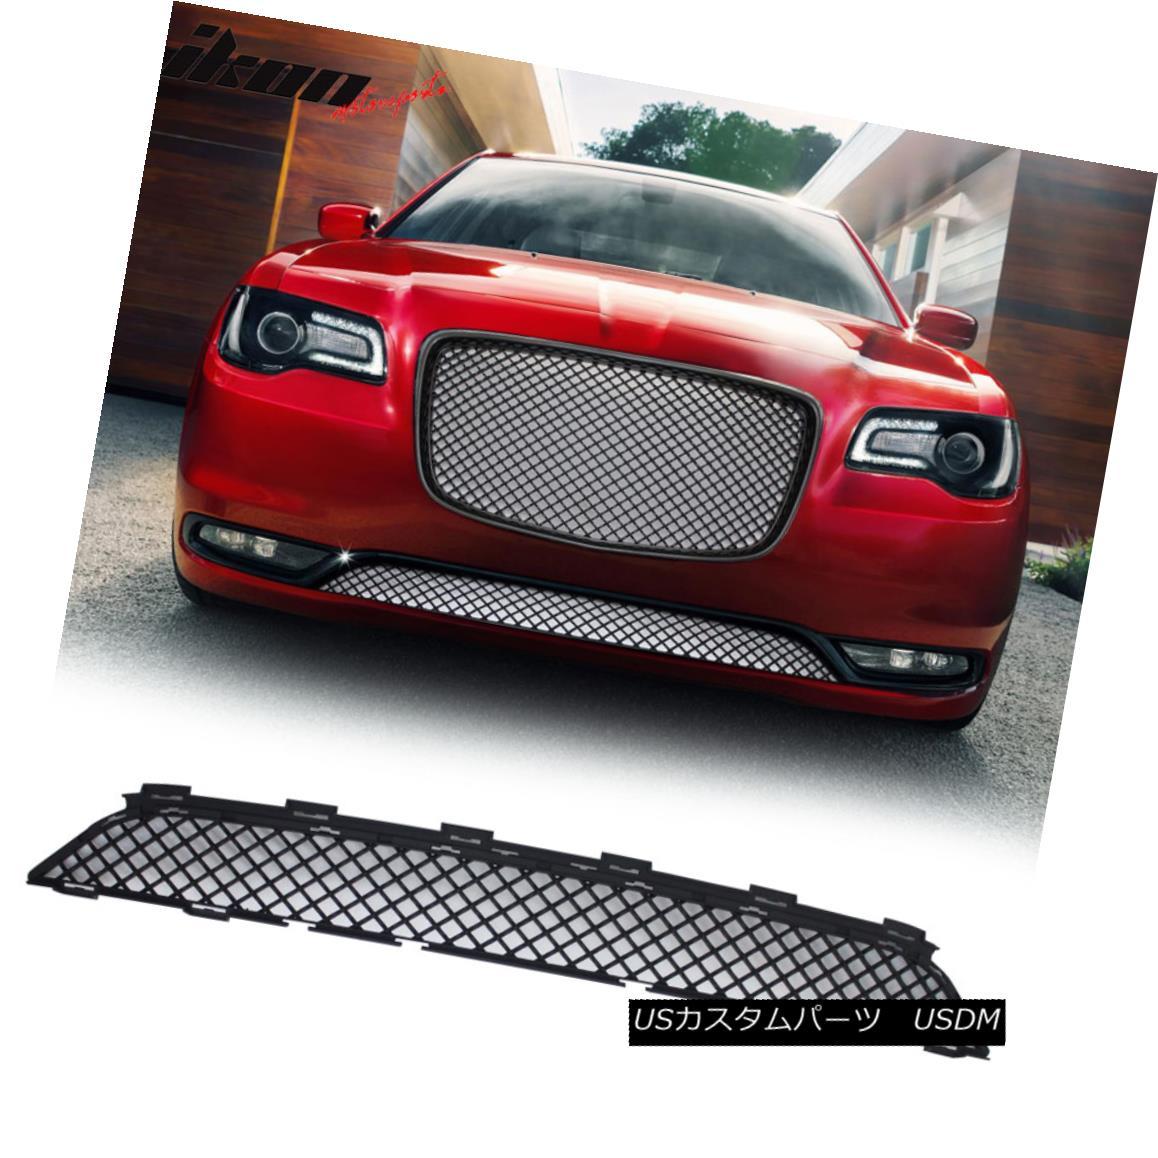 グリル Fits 15-17 Chrysler 300 300C Bentley Style Front Lower Grill Grille - Black フィット15-17クライスラー300 300Cベントレースタイルフロントローワーグリルグリル - ブラック